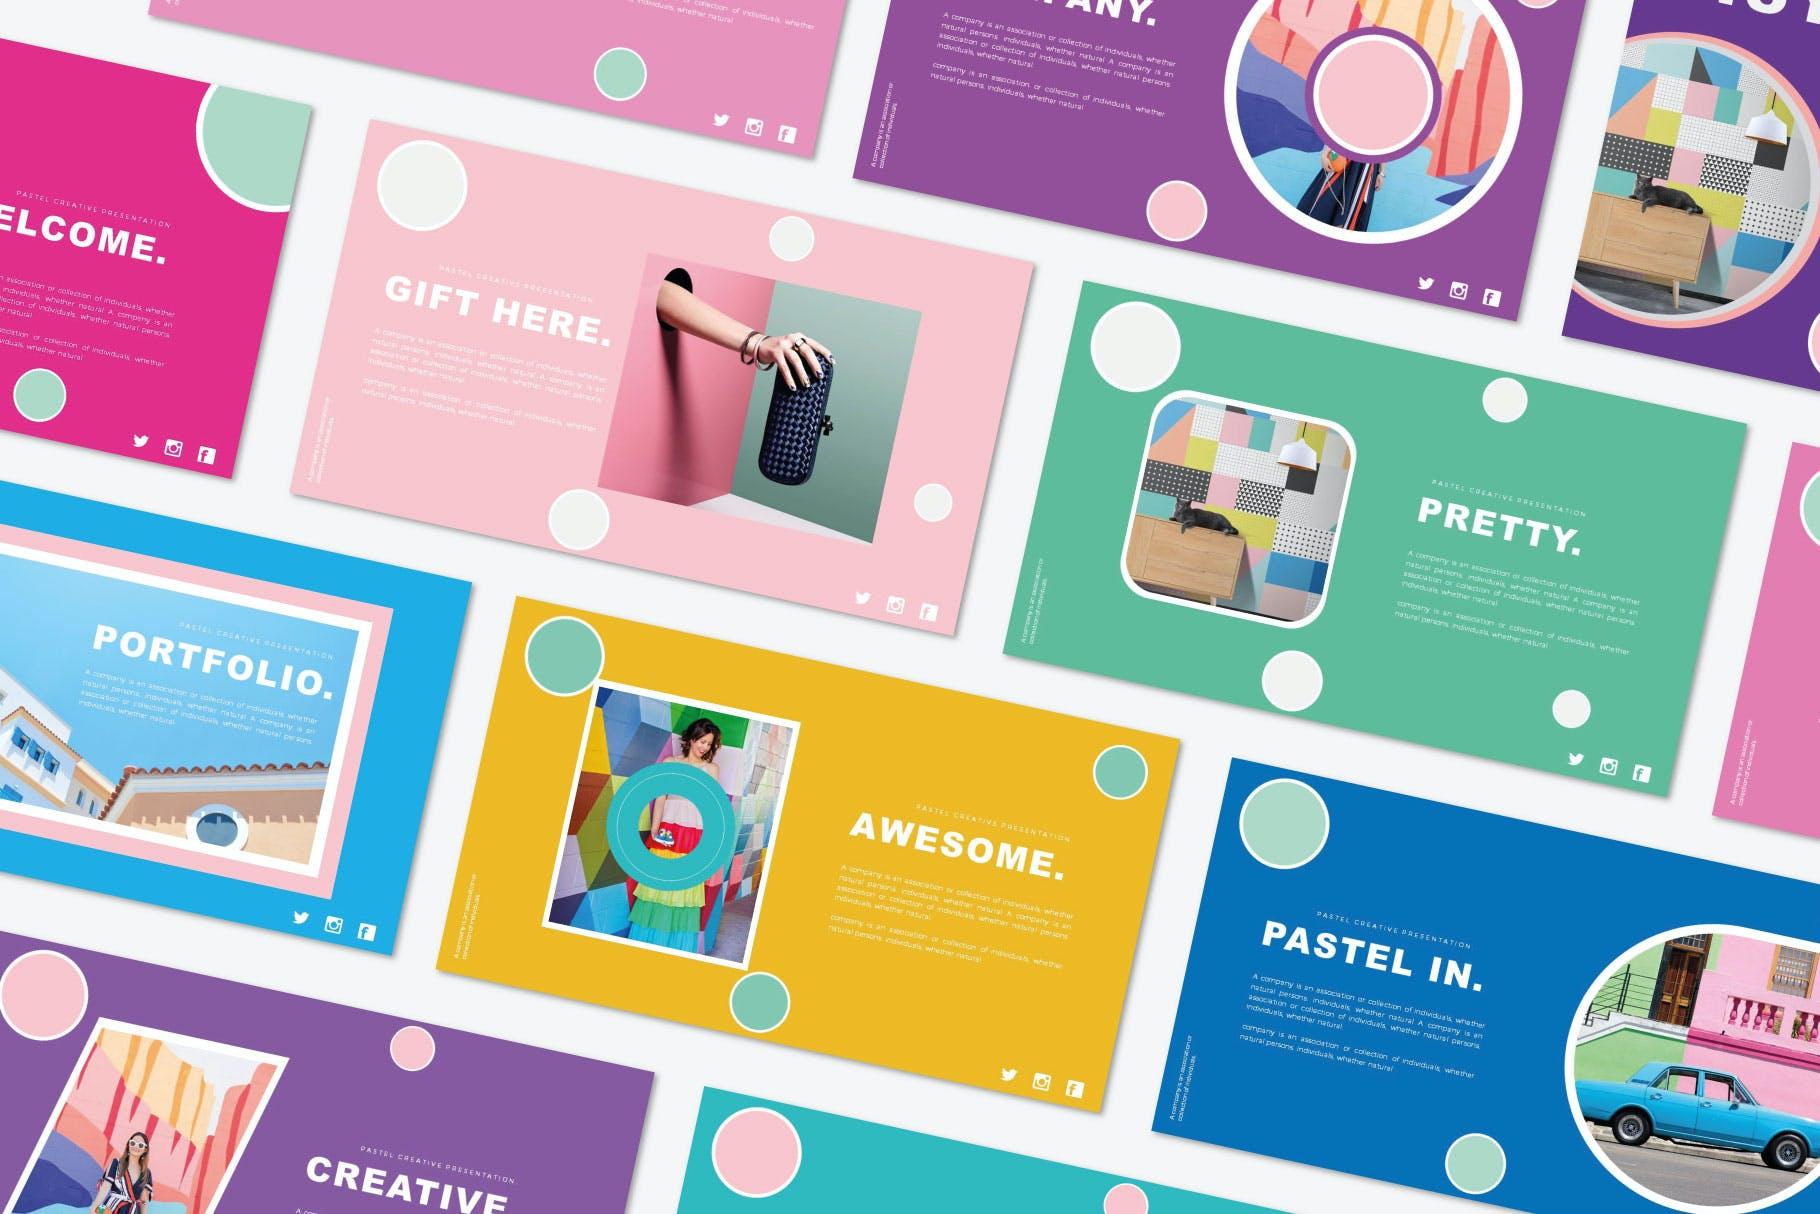 时尚极简产品营销演示文稿设计模板素材 Misya – Powerpoint Template插图1